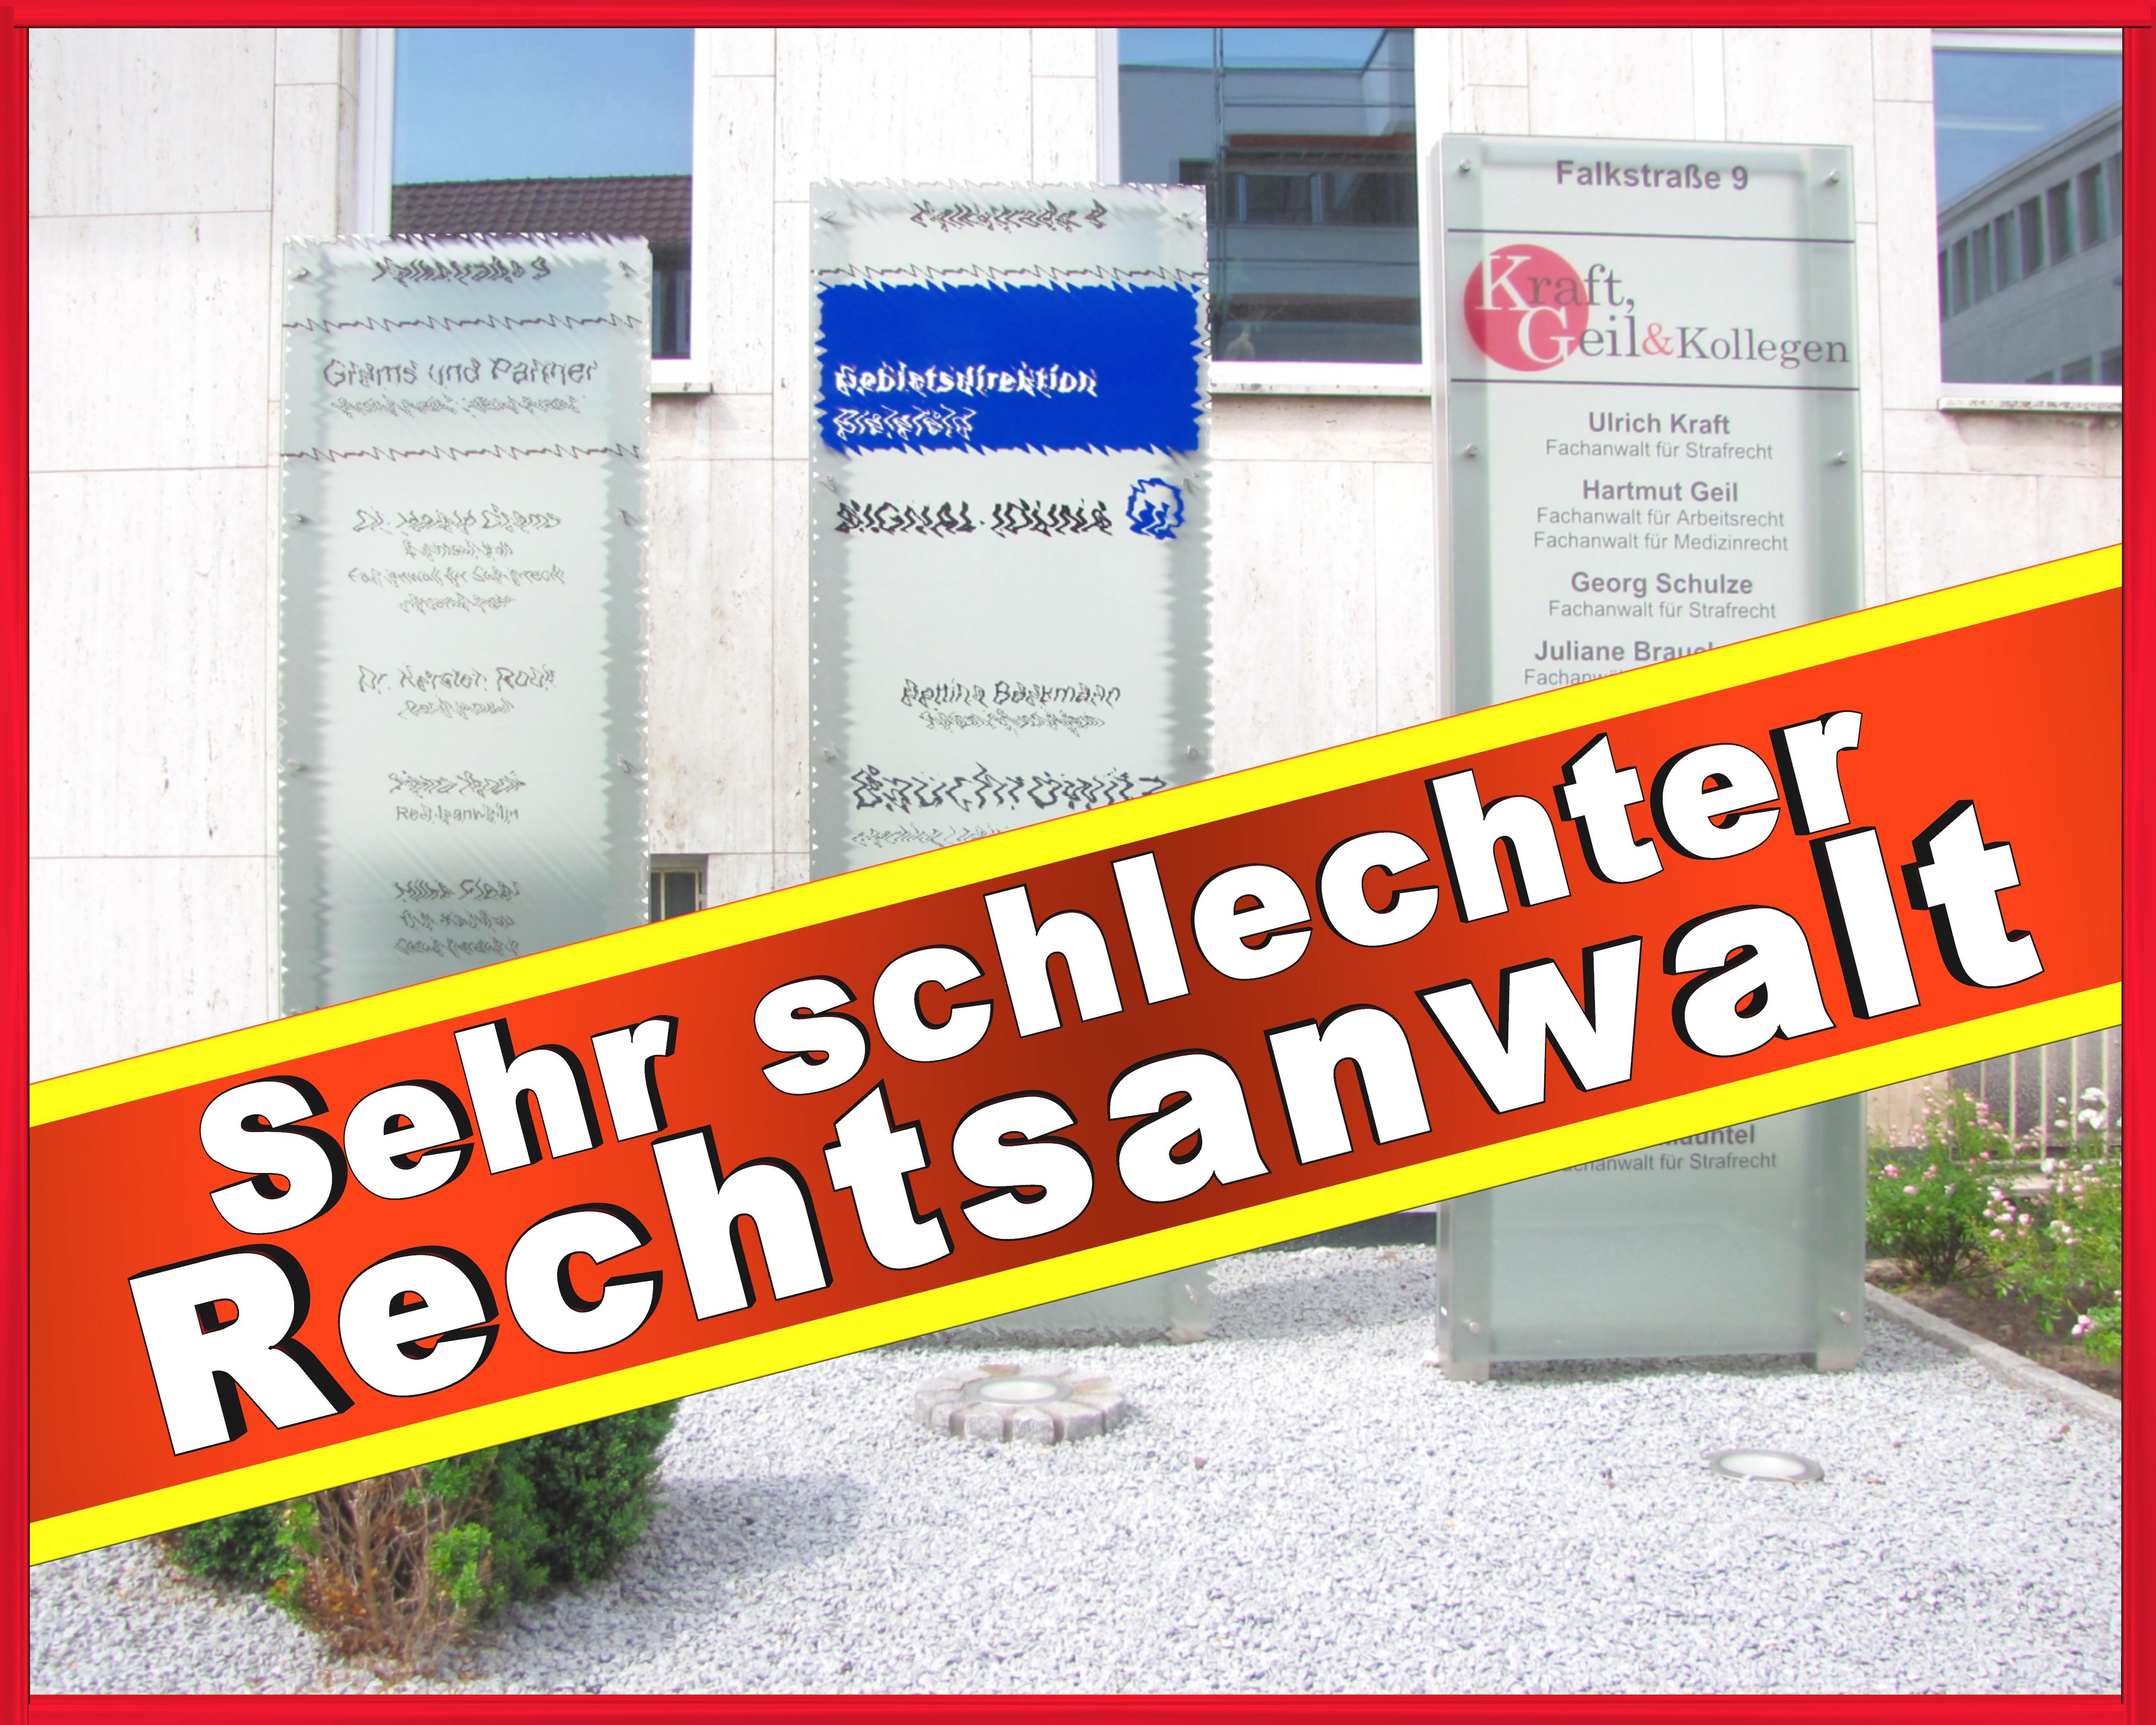 RECHTSANWALT ULRICH KRAFT BIELEFELD STRAFRECHT